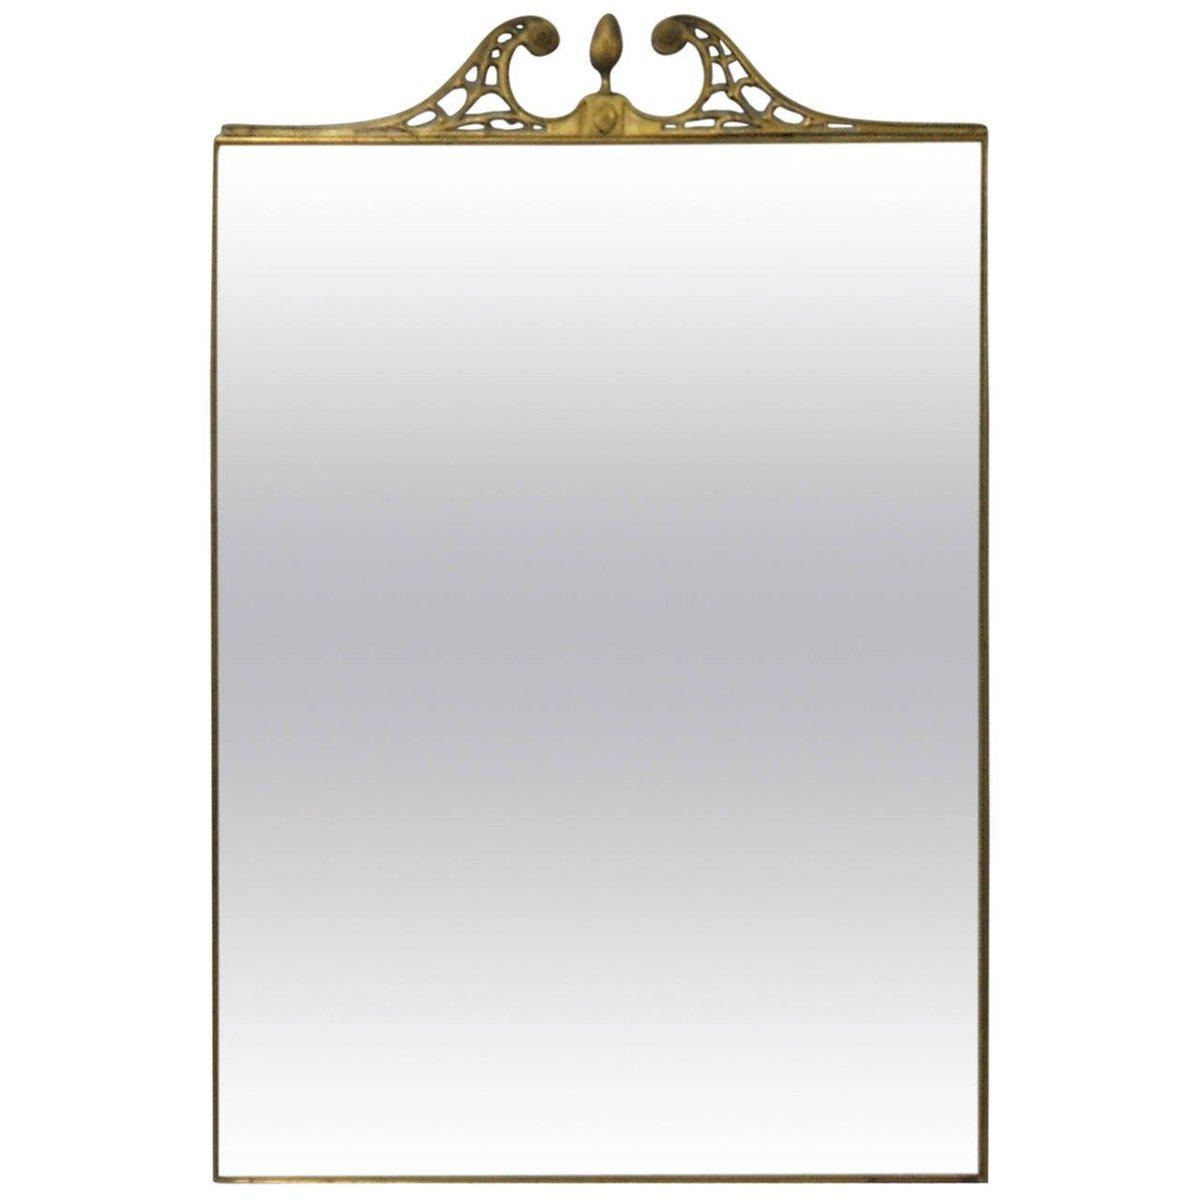 Specchio da parete grande con cornice in ottone italia for Specchio grande da parete